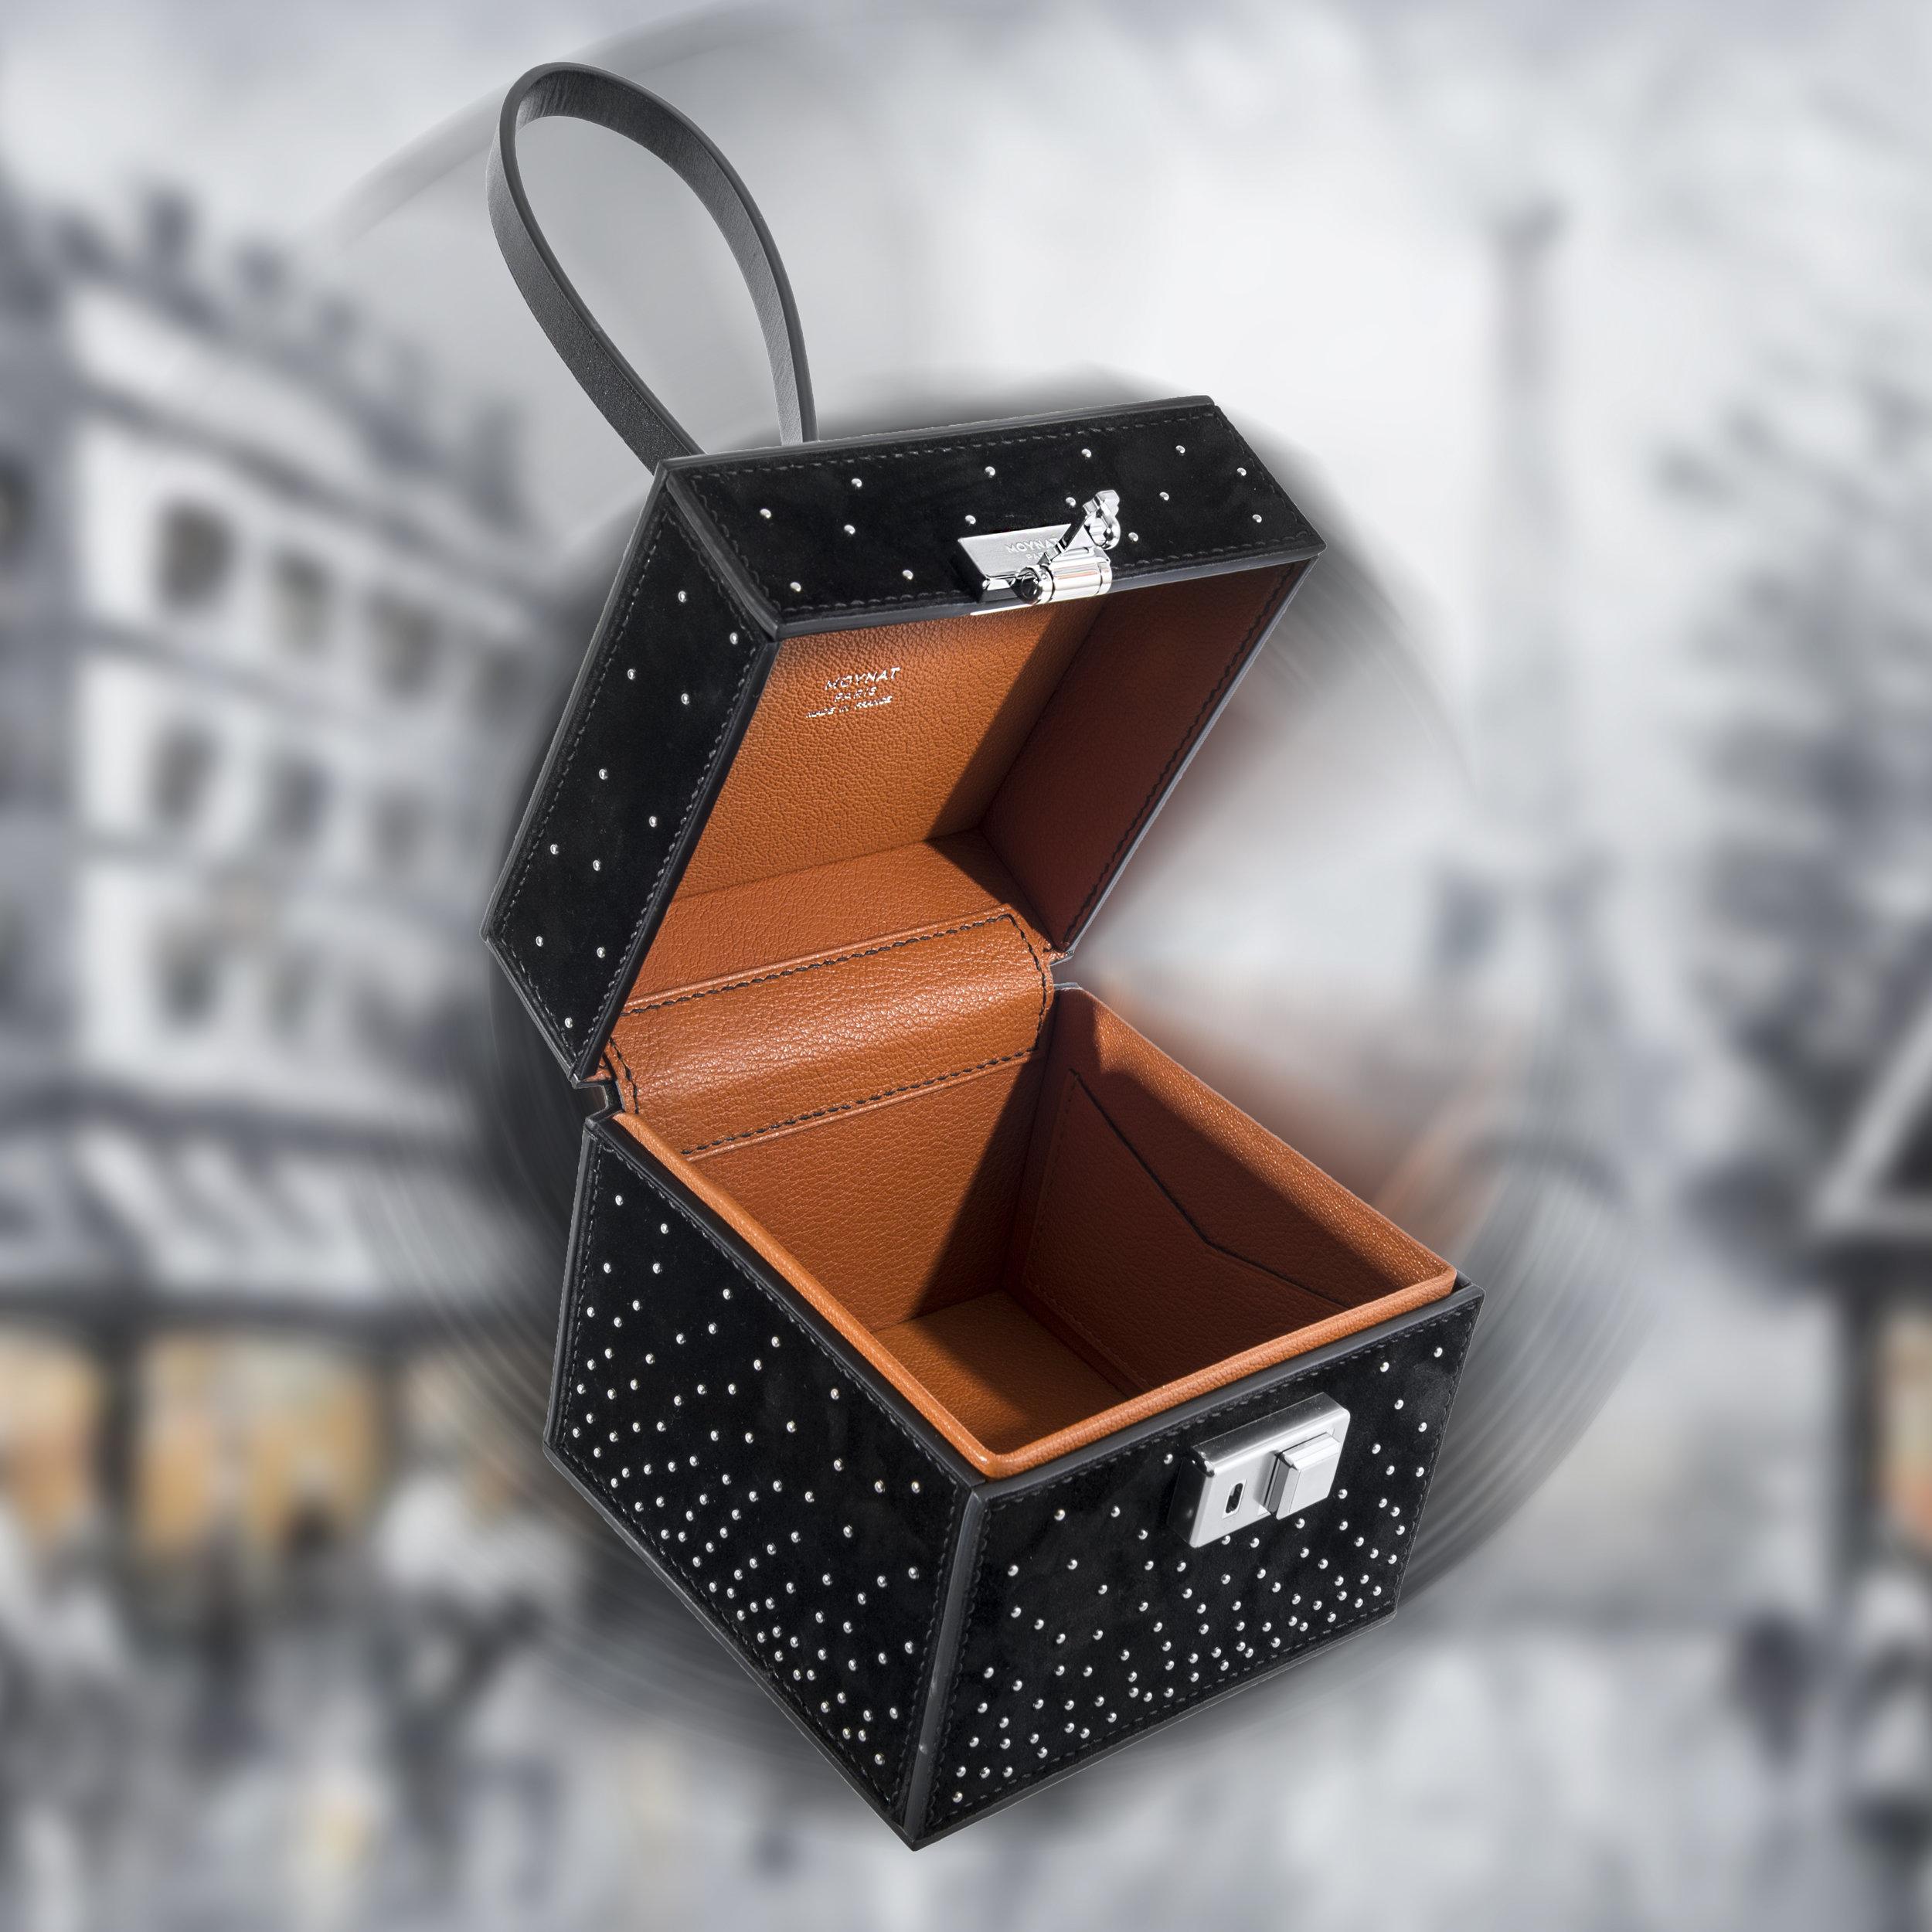 Moynat Paris swinging bag - photo by Andrew Werner.jpg